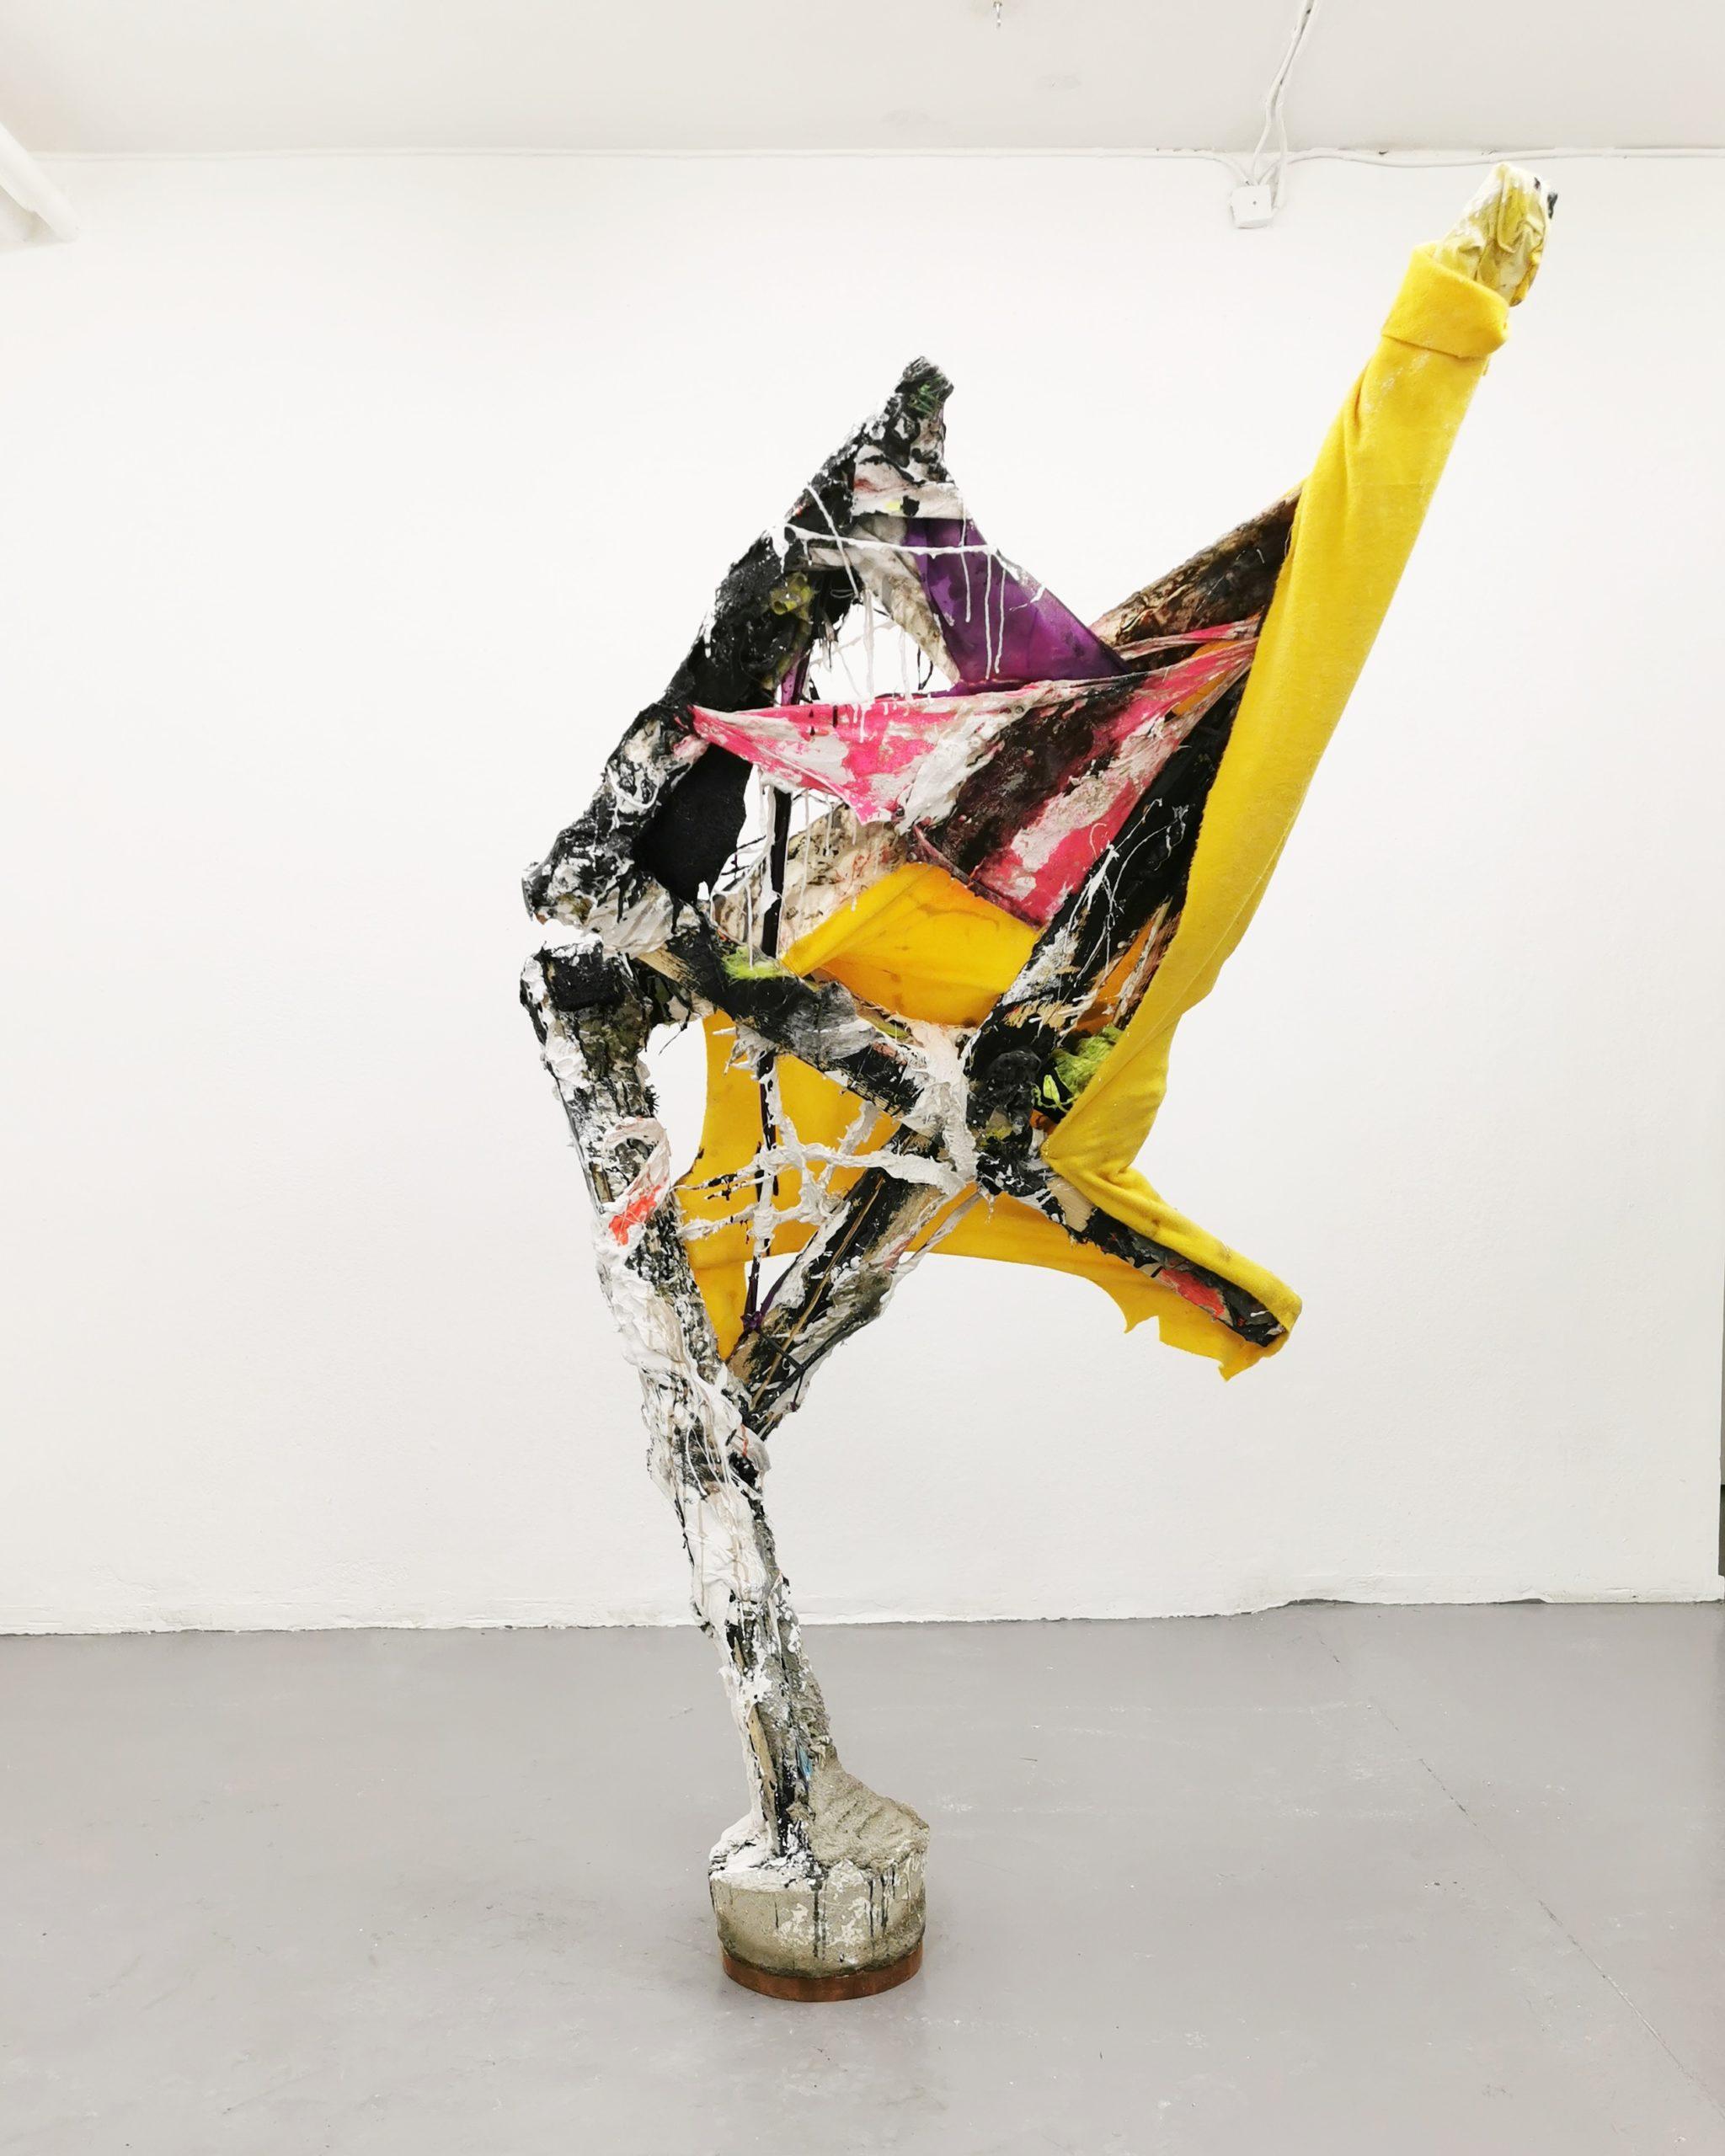 """Jakob Westberg, """"Dummy nr.14 (x) """", 2019. Plaster, concrete, acrystal, textiles, pigments, asphalt, acrylics, epoxy, oakwood, 187 x 89 x 27,5 cm"""